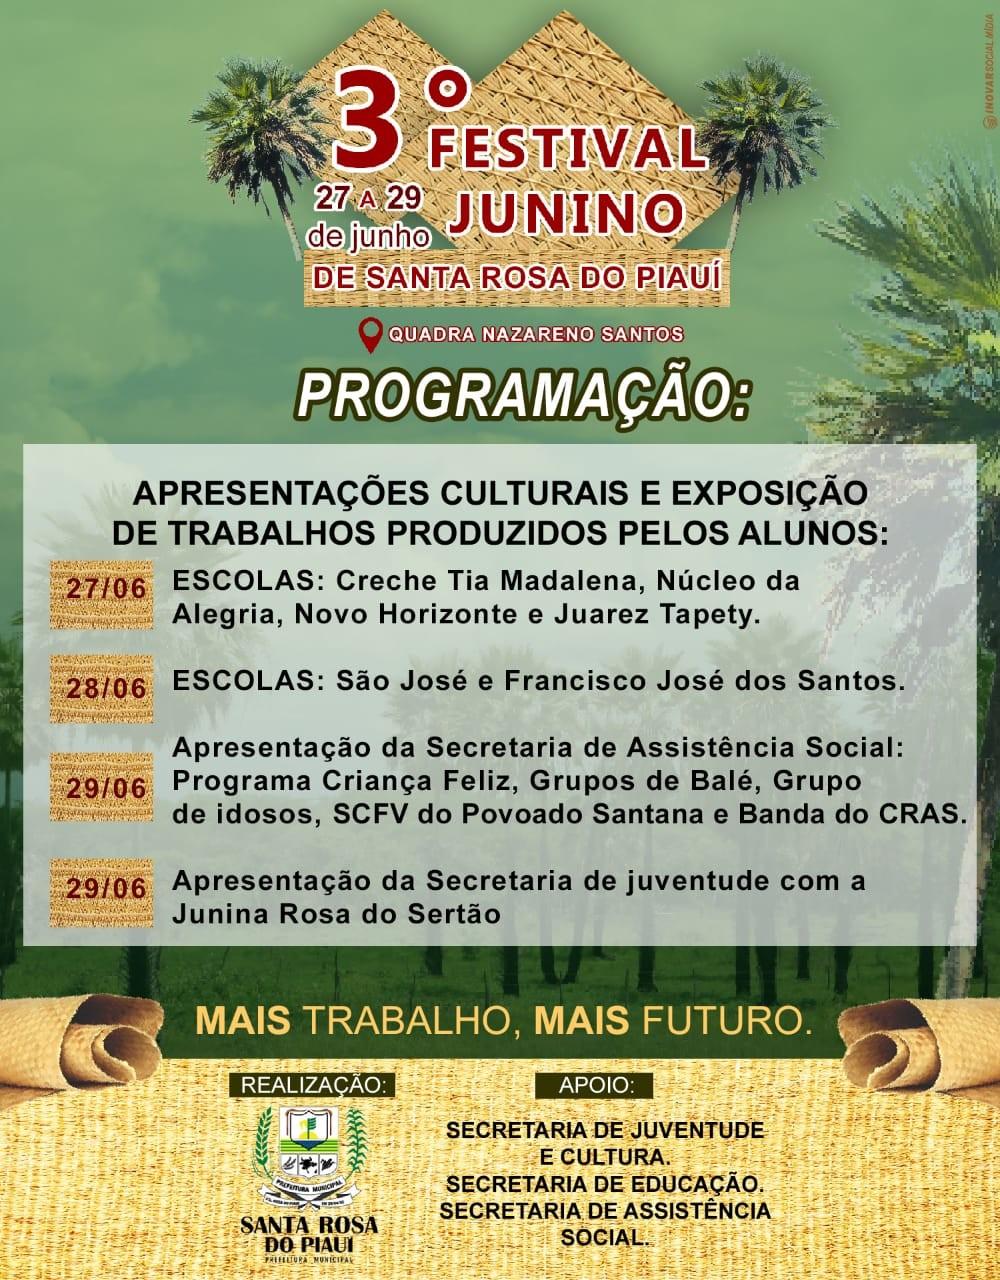 Prefeitura de Santa Rosa lança programação para 3° Festival Junino no município